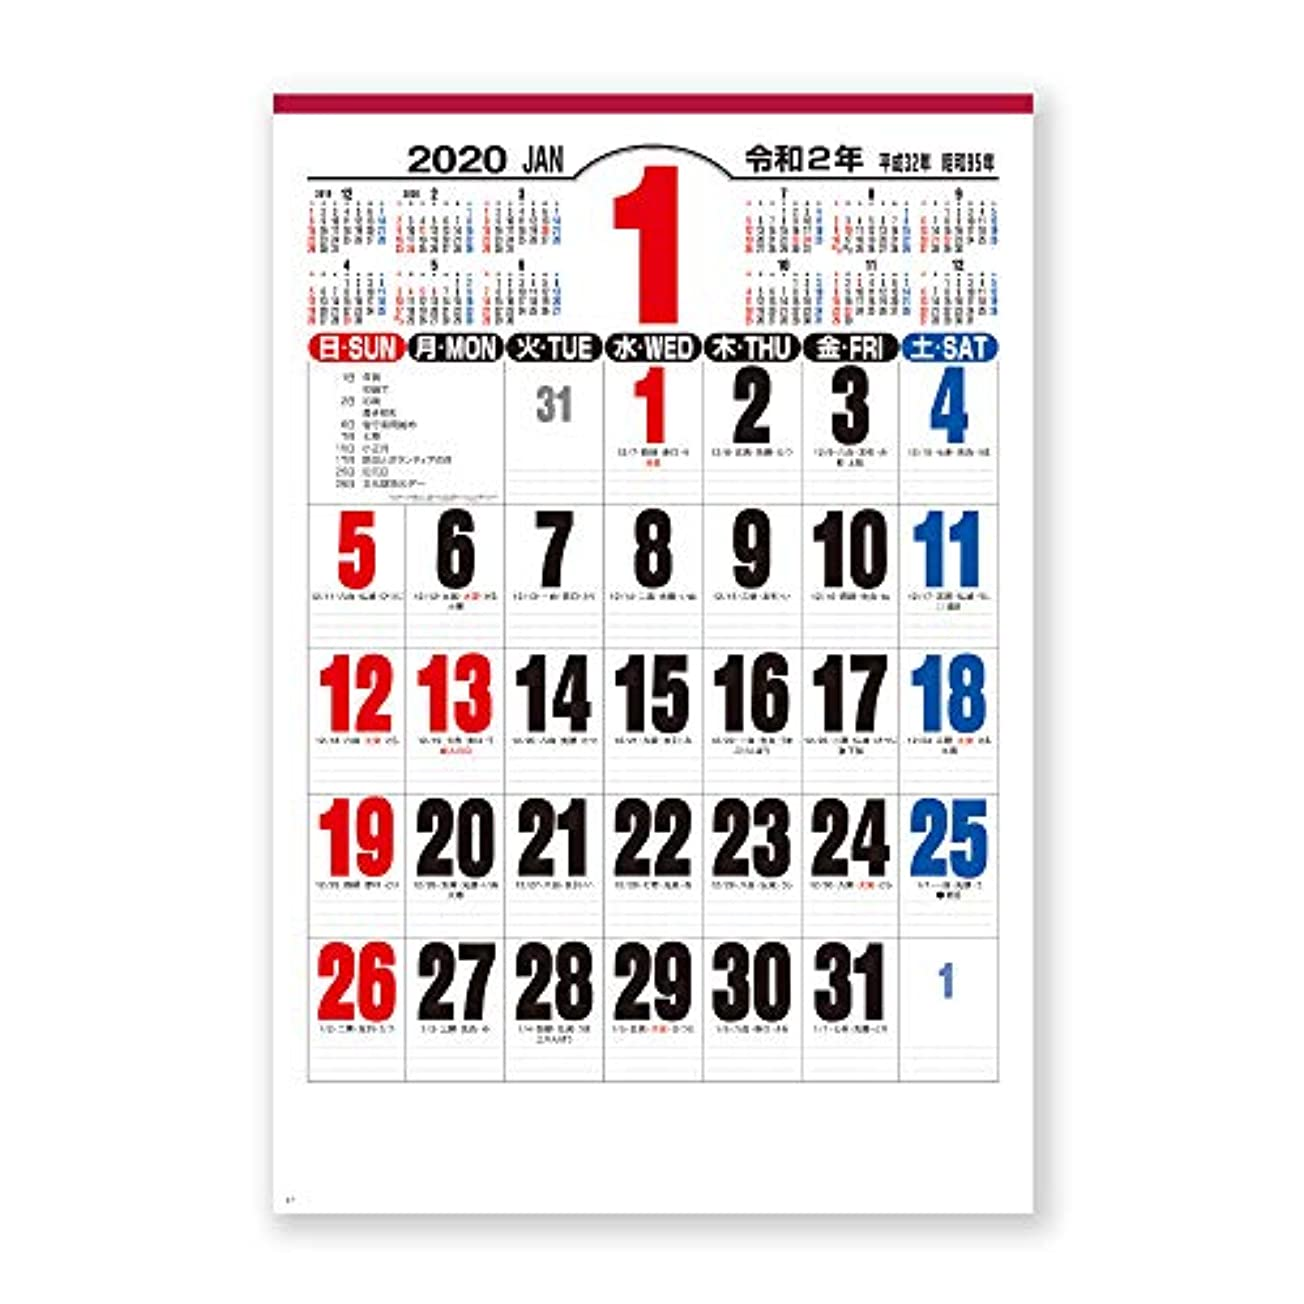 コマンド有毒組み込む新日本カレンダー 2020年 カレンダー 壁掛け 3色文字 ジャンボ NK191